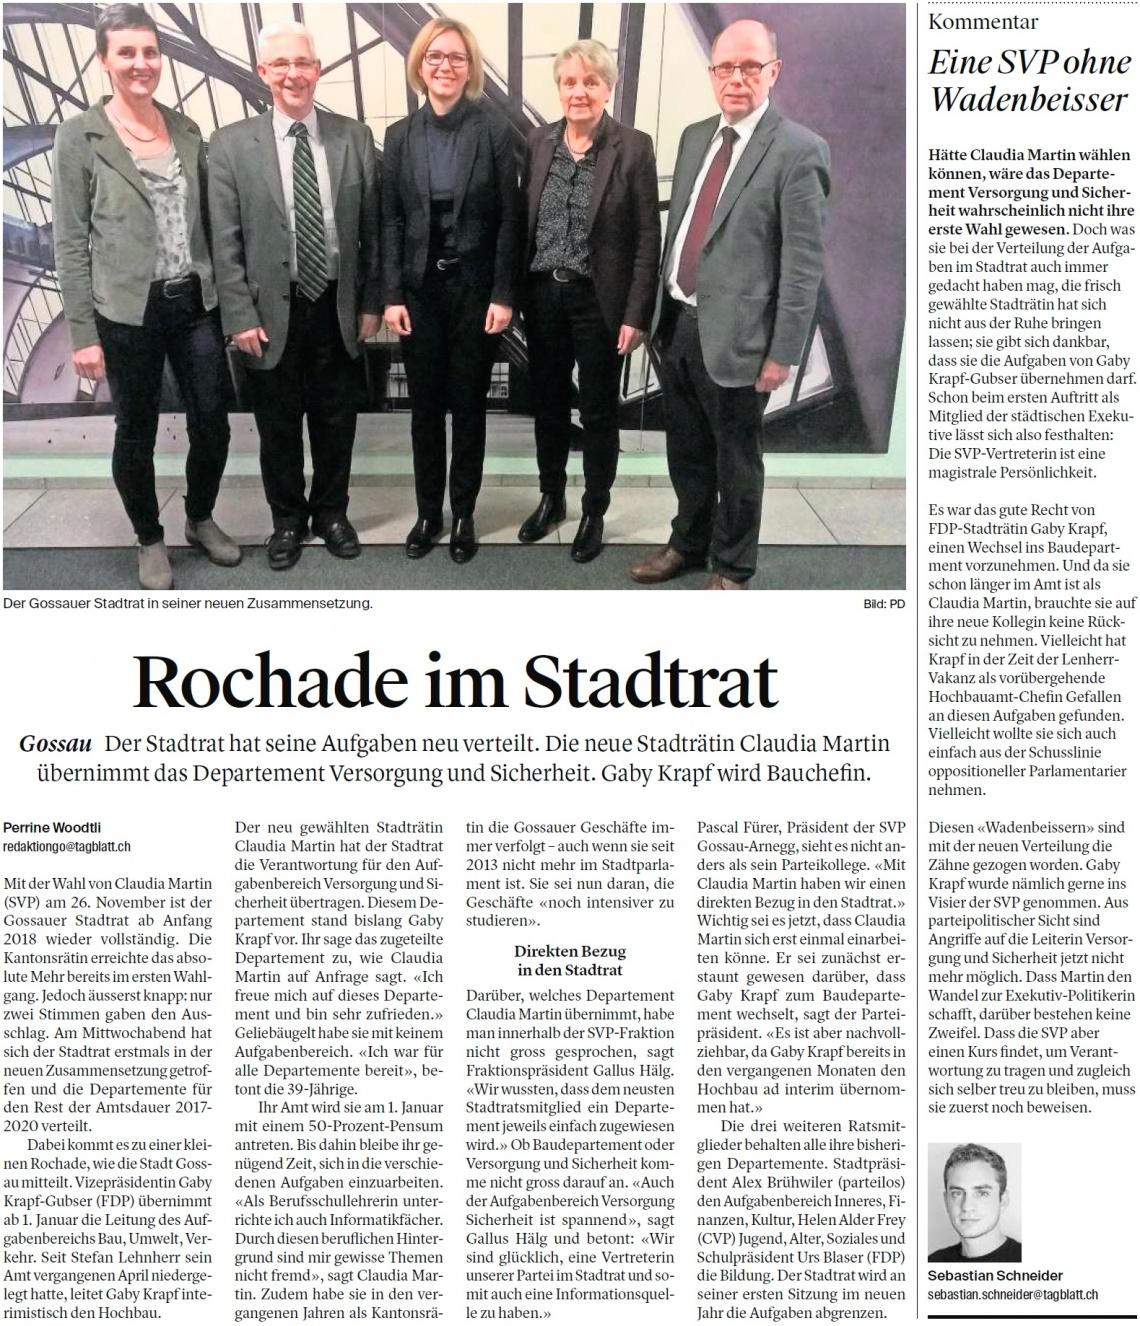 Rochade im Stadtrat (Freitag, 08.12.2017)